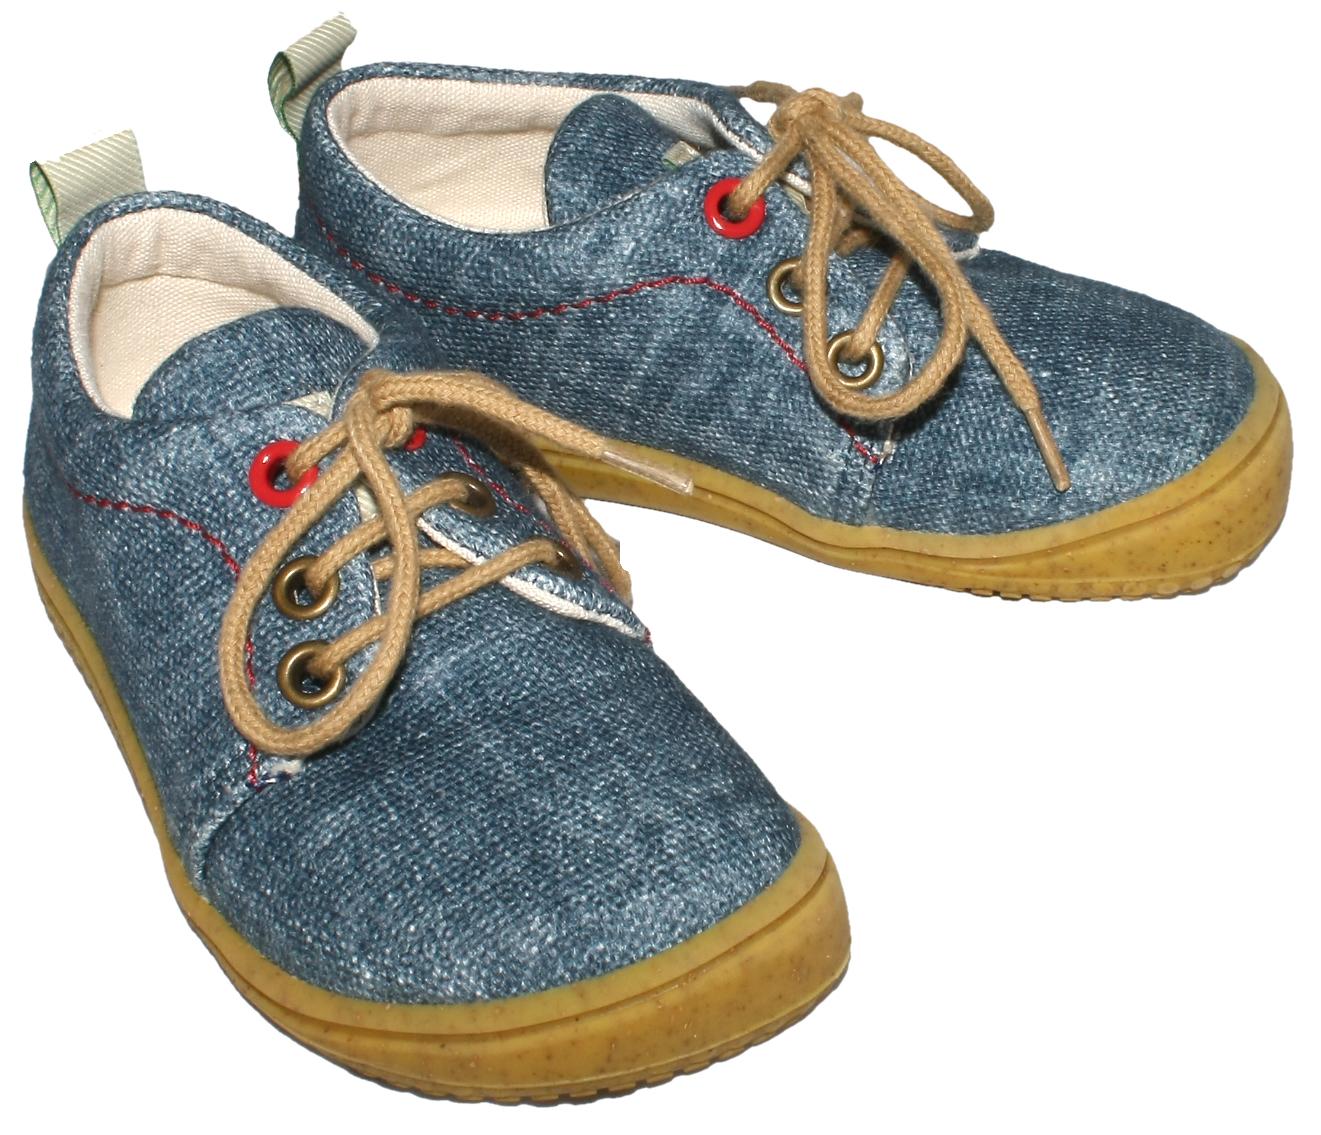 Cooler Sneaker Barfußschuh aus GOTS zertifizierter Kba BW, Jeans Blue, Modell Softway von FILII